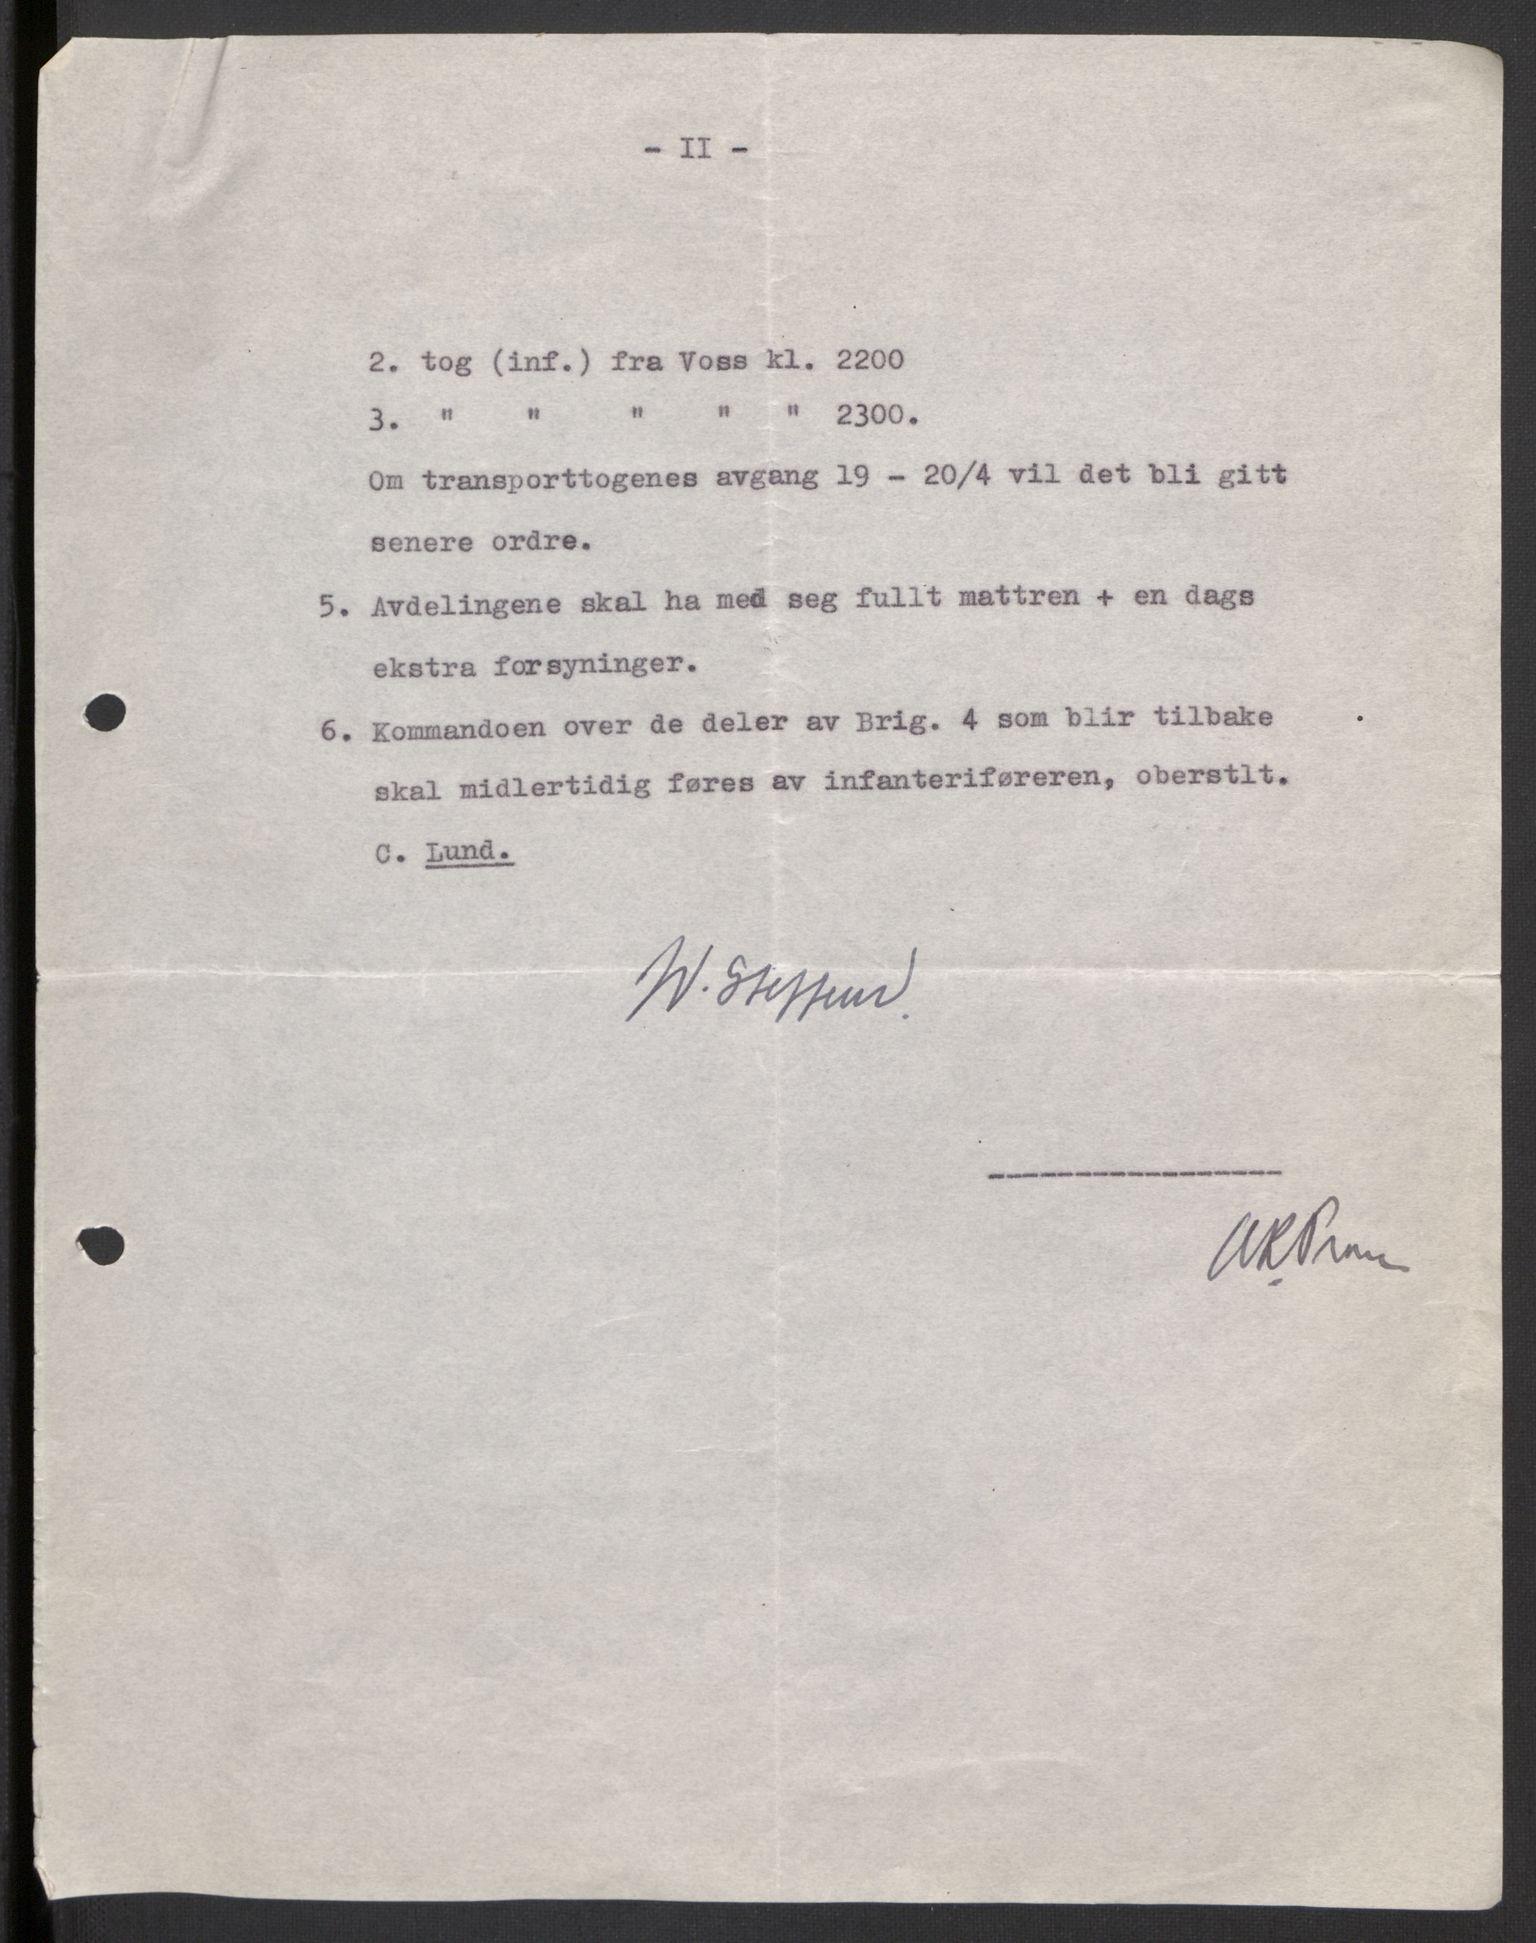 RA, Forsvaret, Forsvarets krigshistoriske avdeling, Y/Yb/L0104: II-C-11-430  -  4. Divisjon., 1940, s. 184